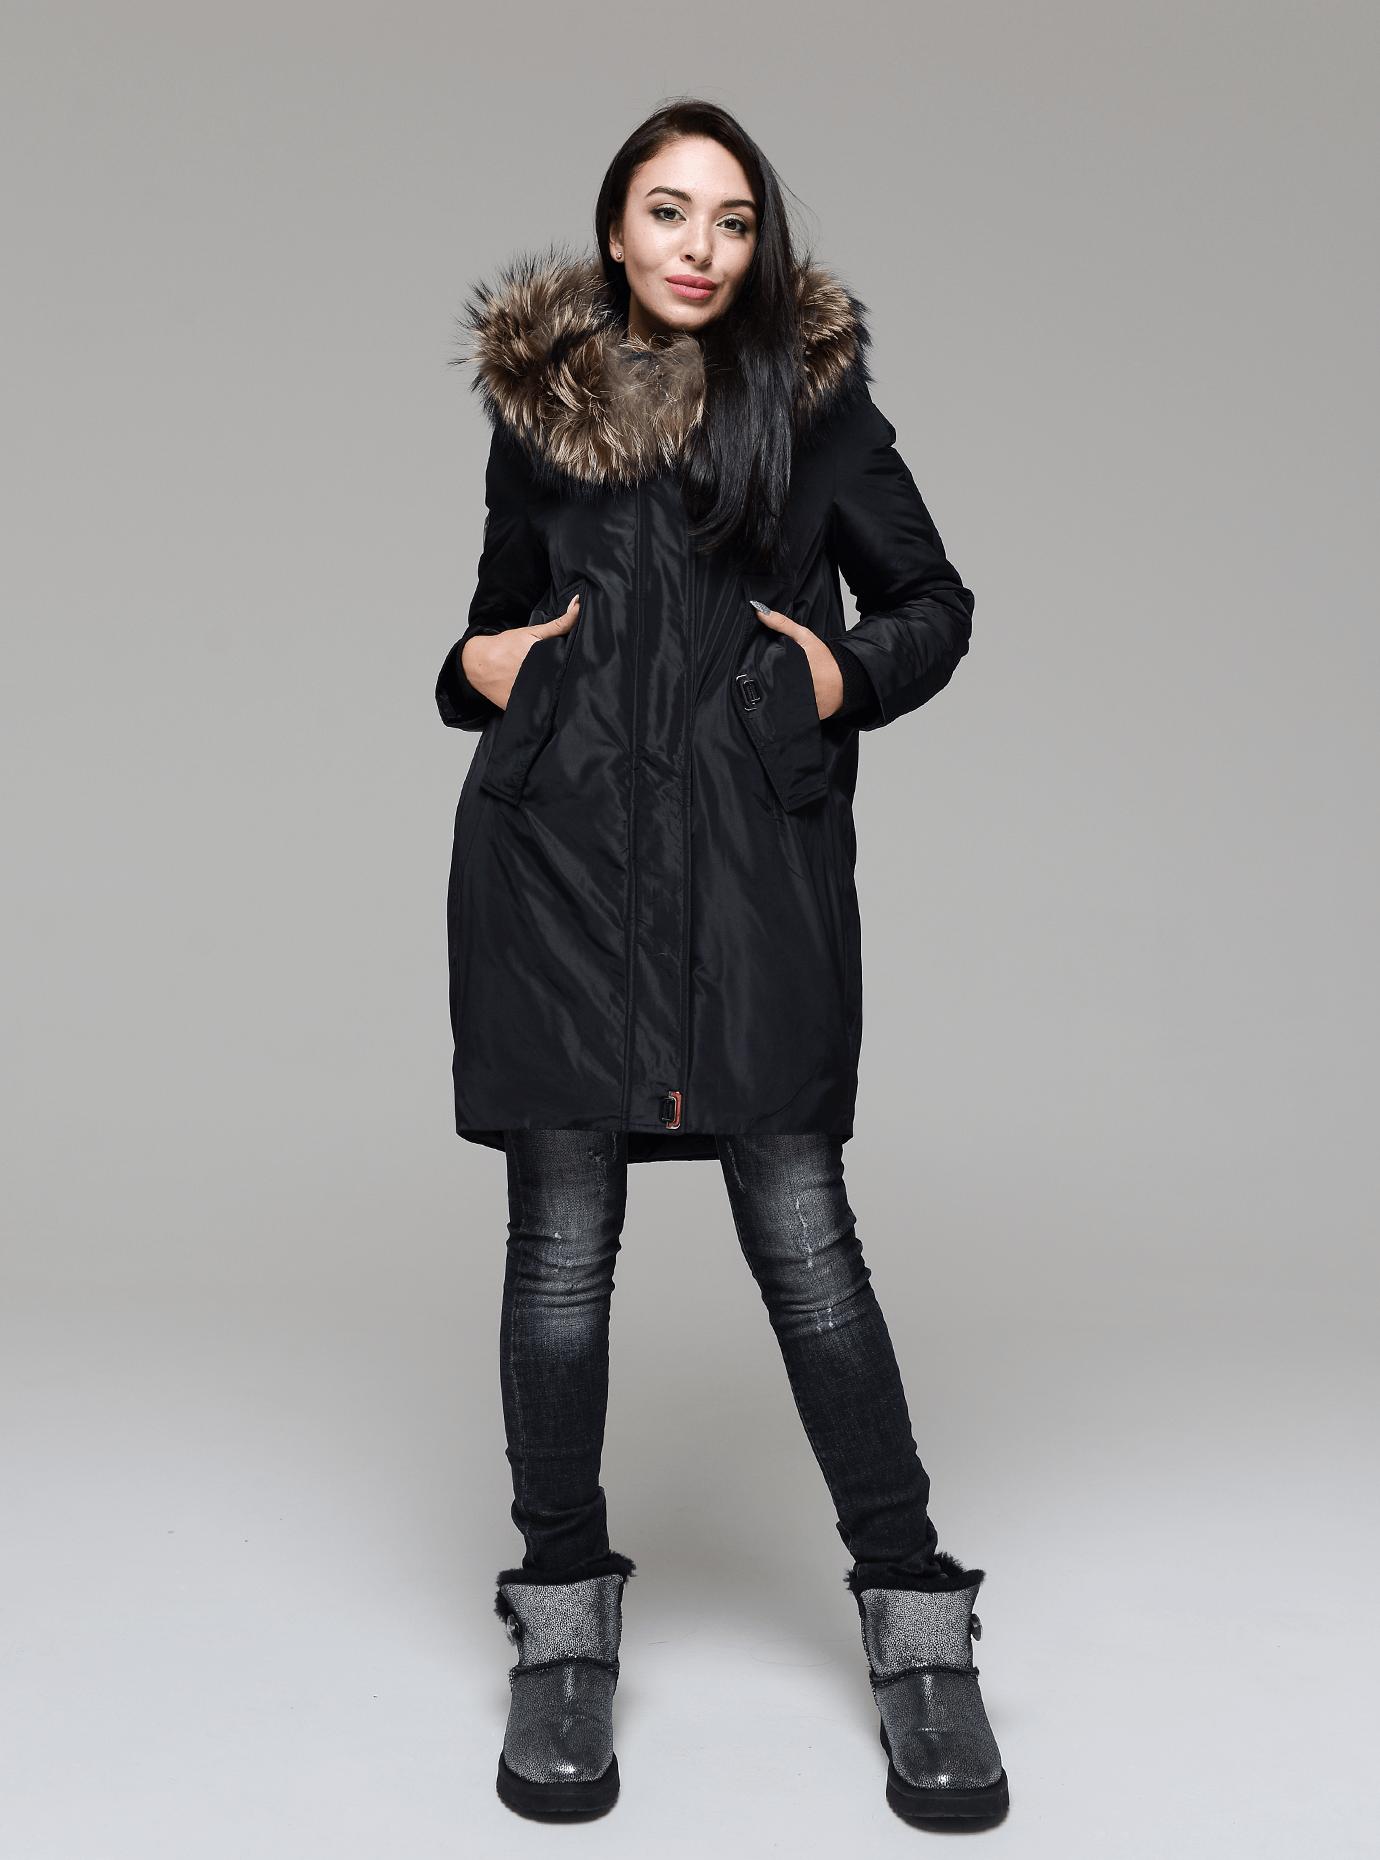 Куртка зимняя длинная со вставкой из меха енота Чёрный L (05-V191211): фото - Alster.ua